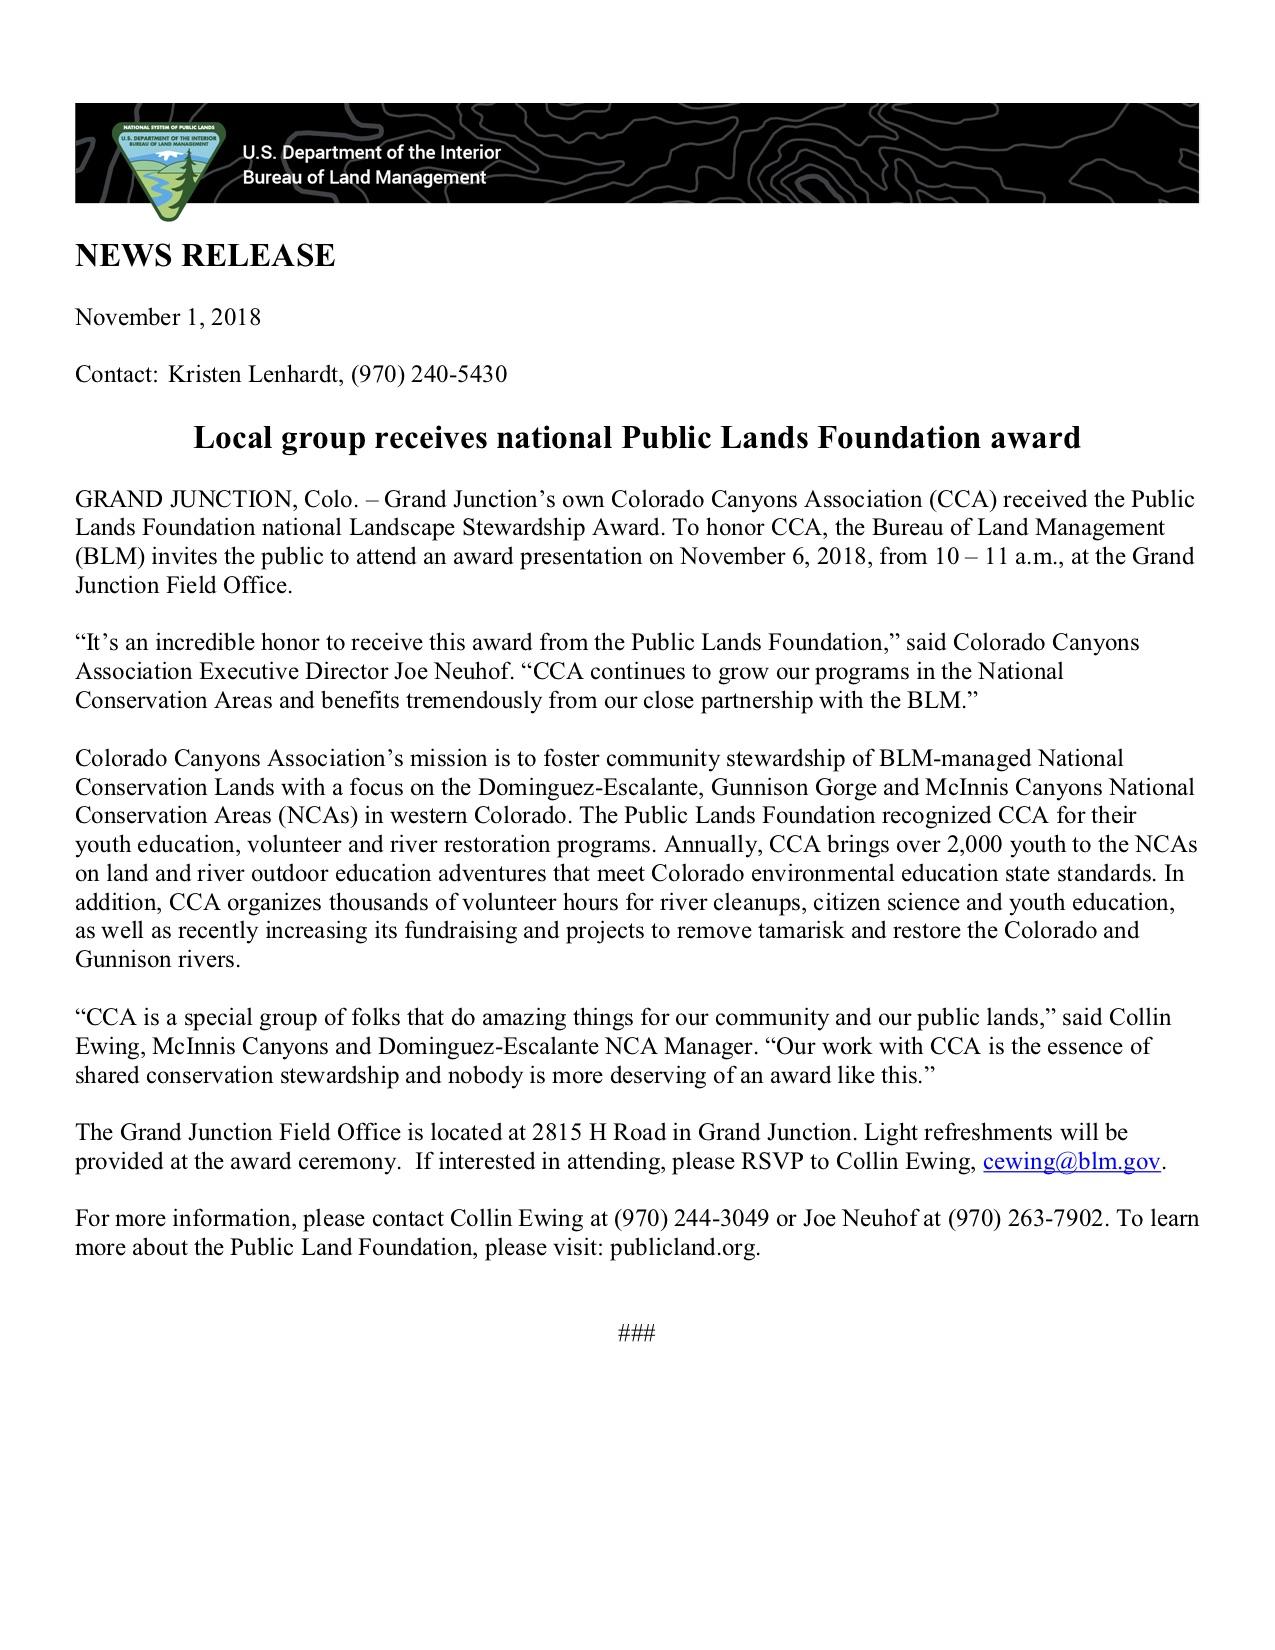 CCA PLF award News Release Oct 2018.jpg